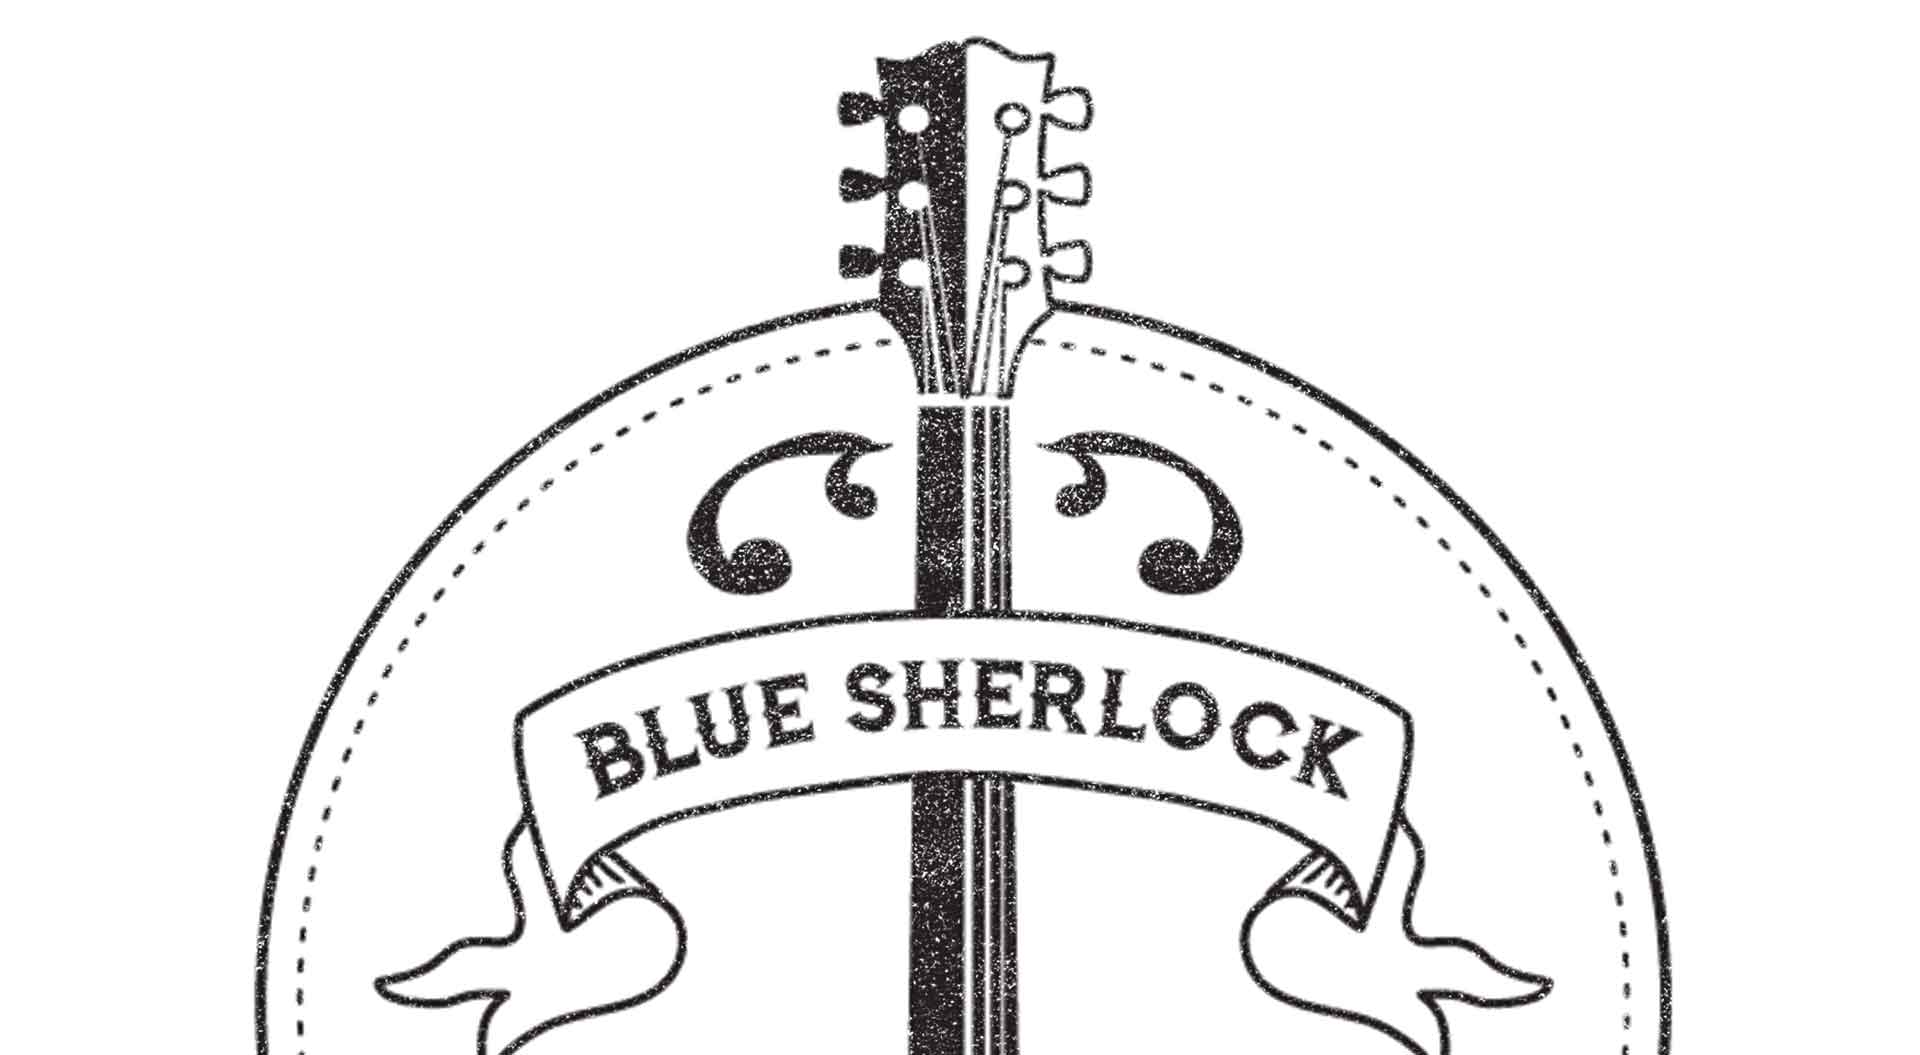 Blue Sherlock